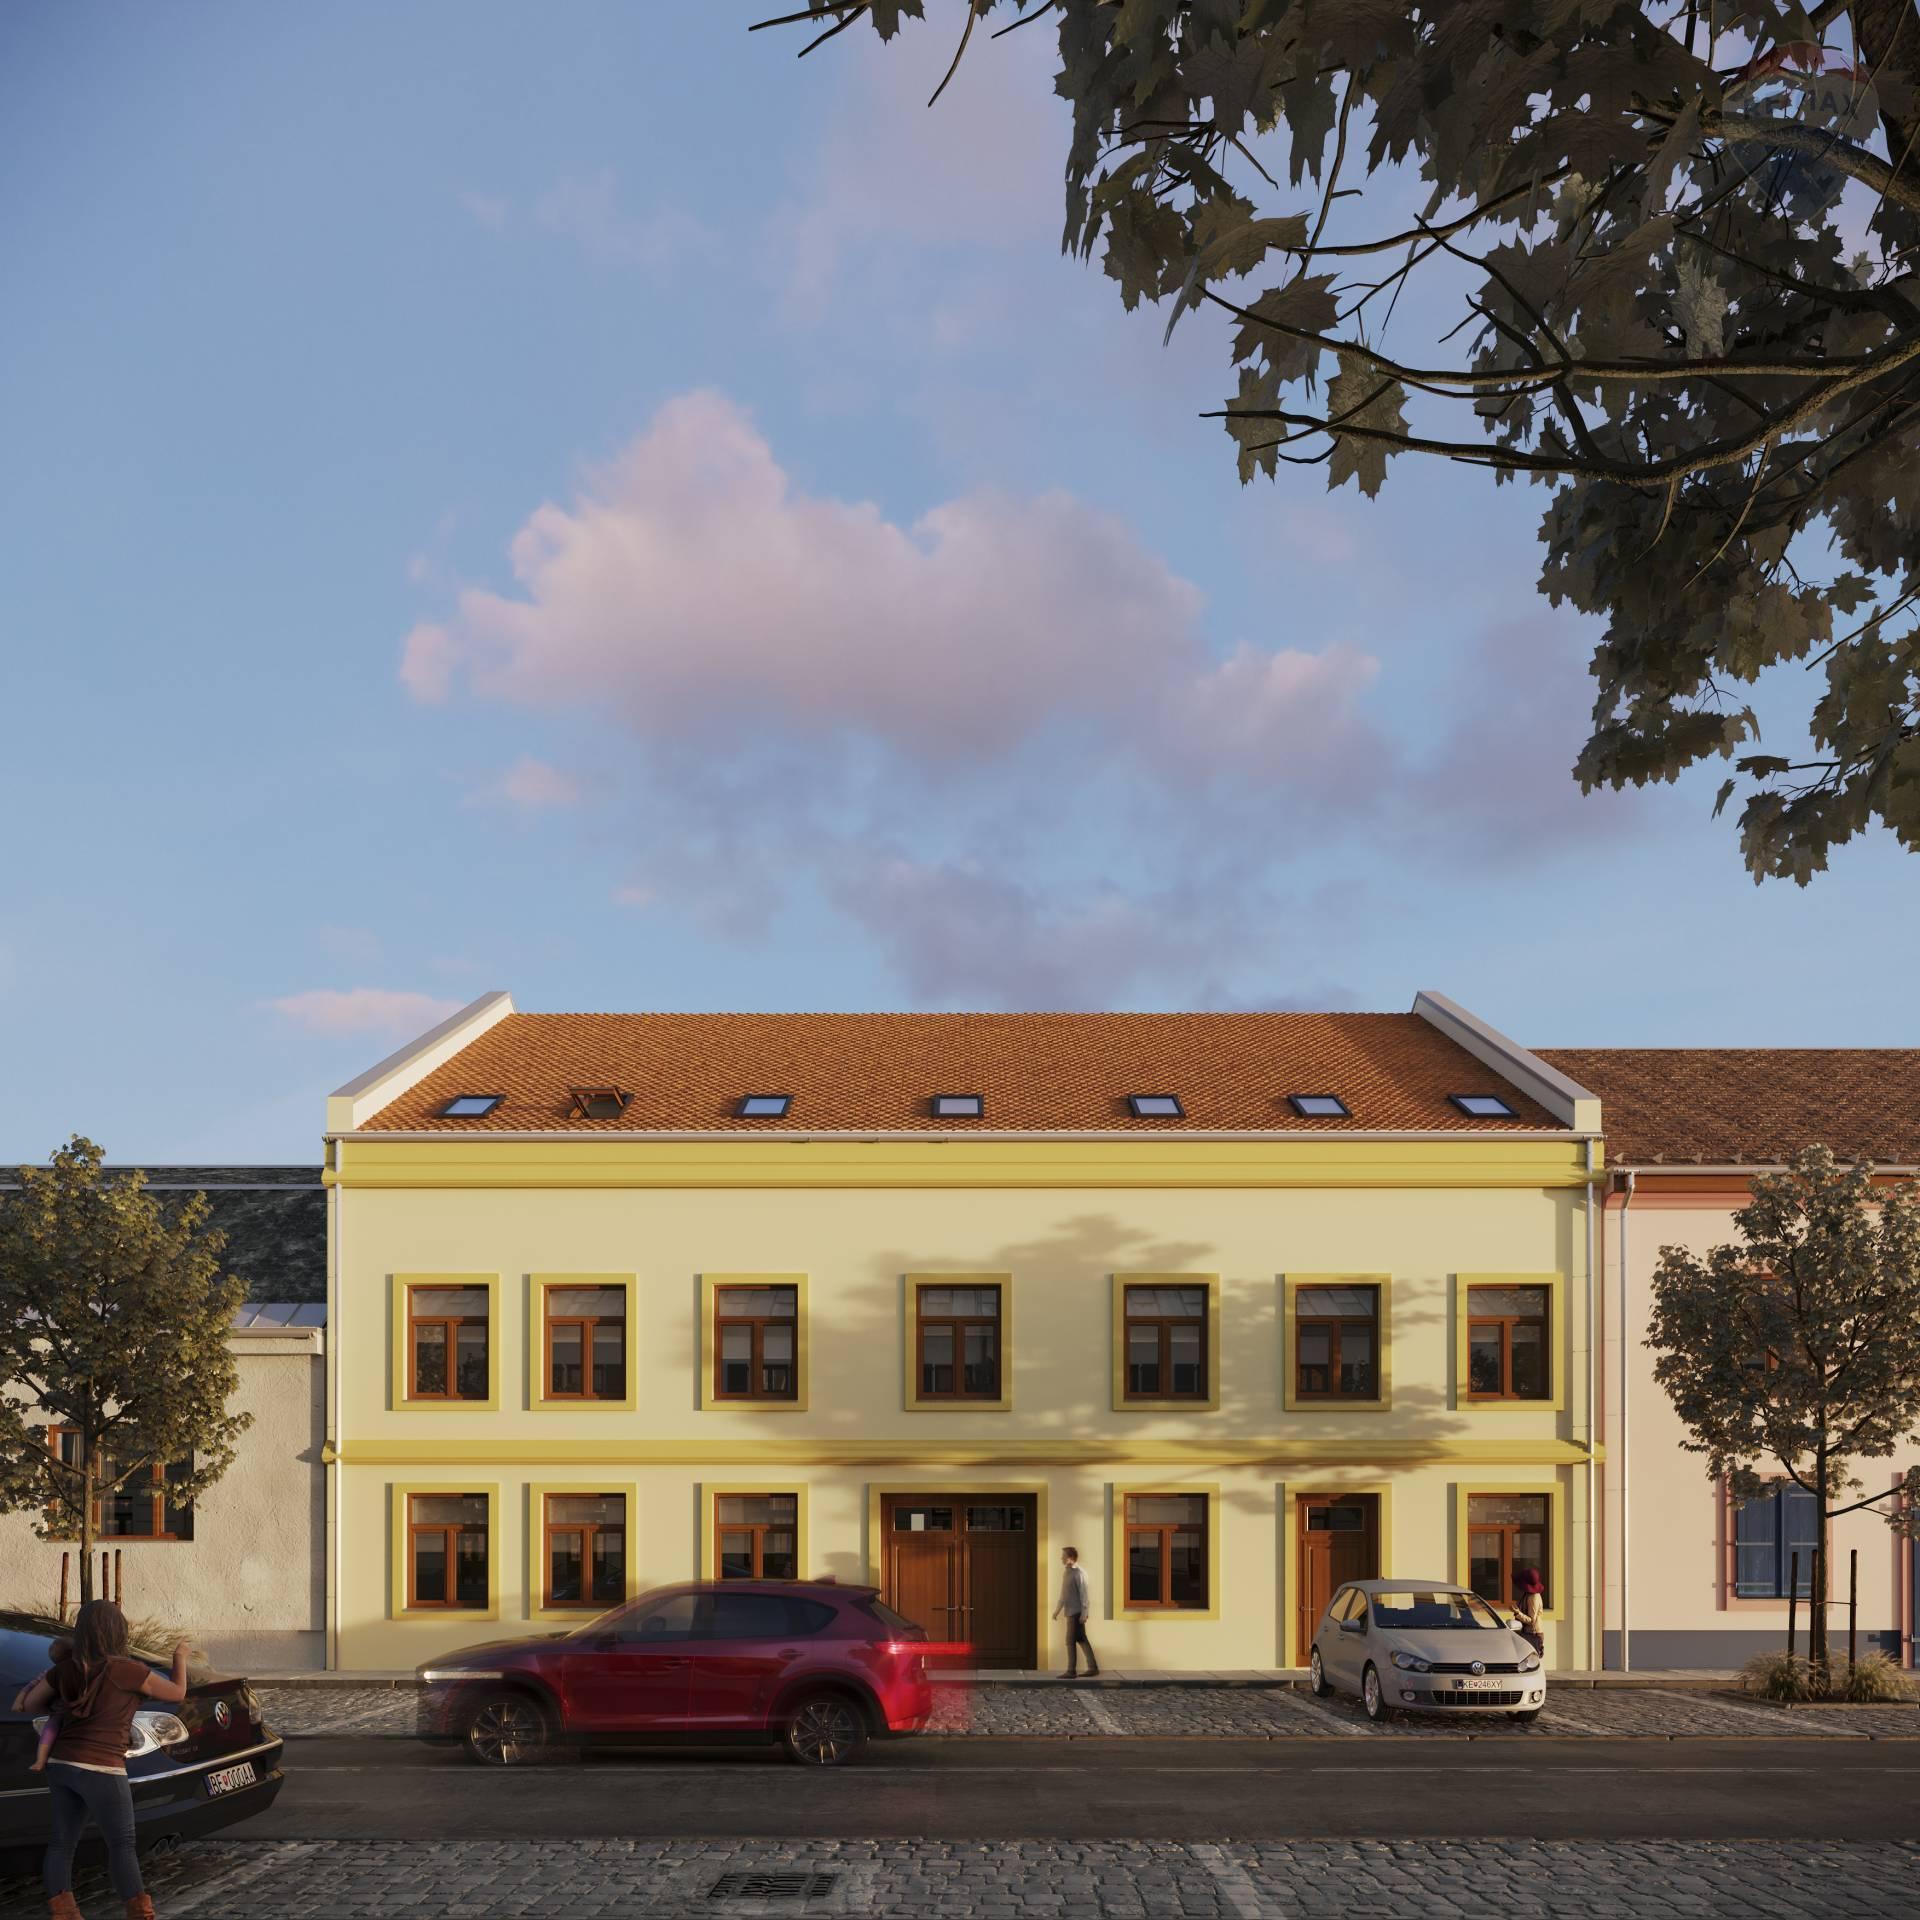 Obchodný priestor na predaj, novostavba, projekt Rezidencia Pod Hradom